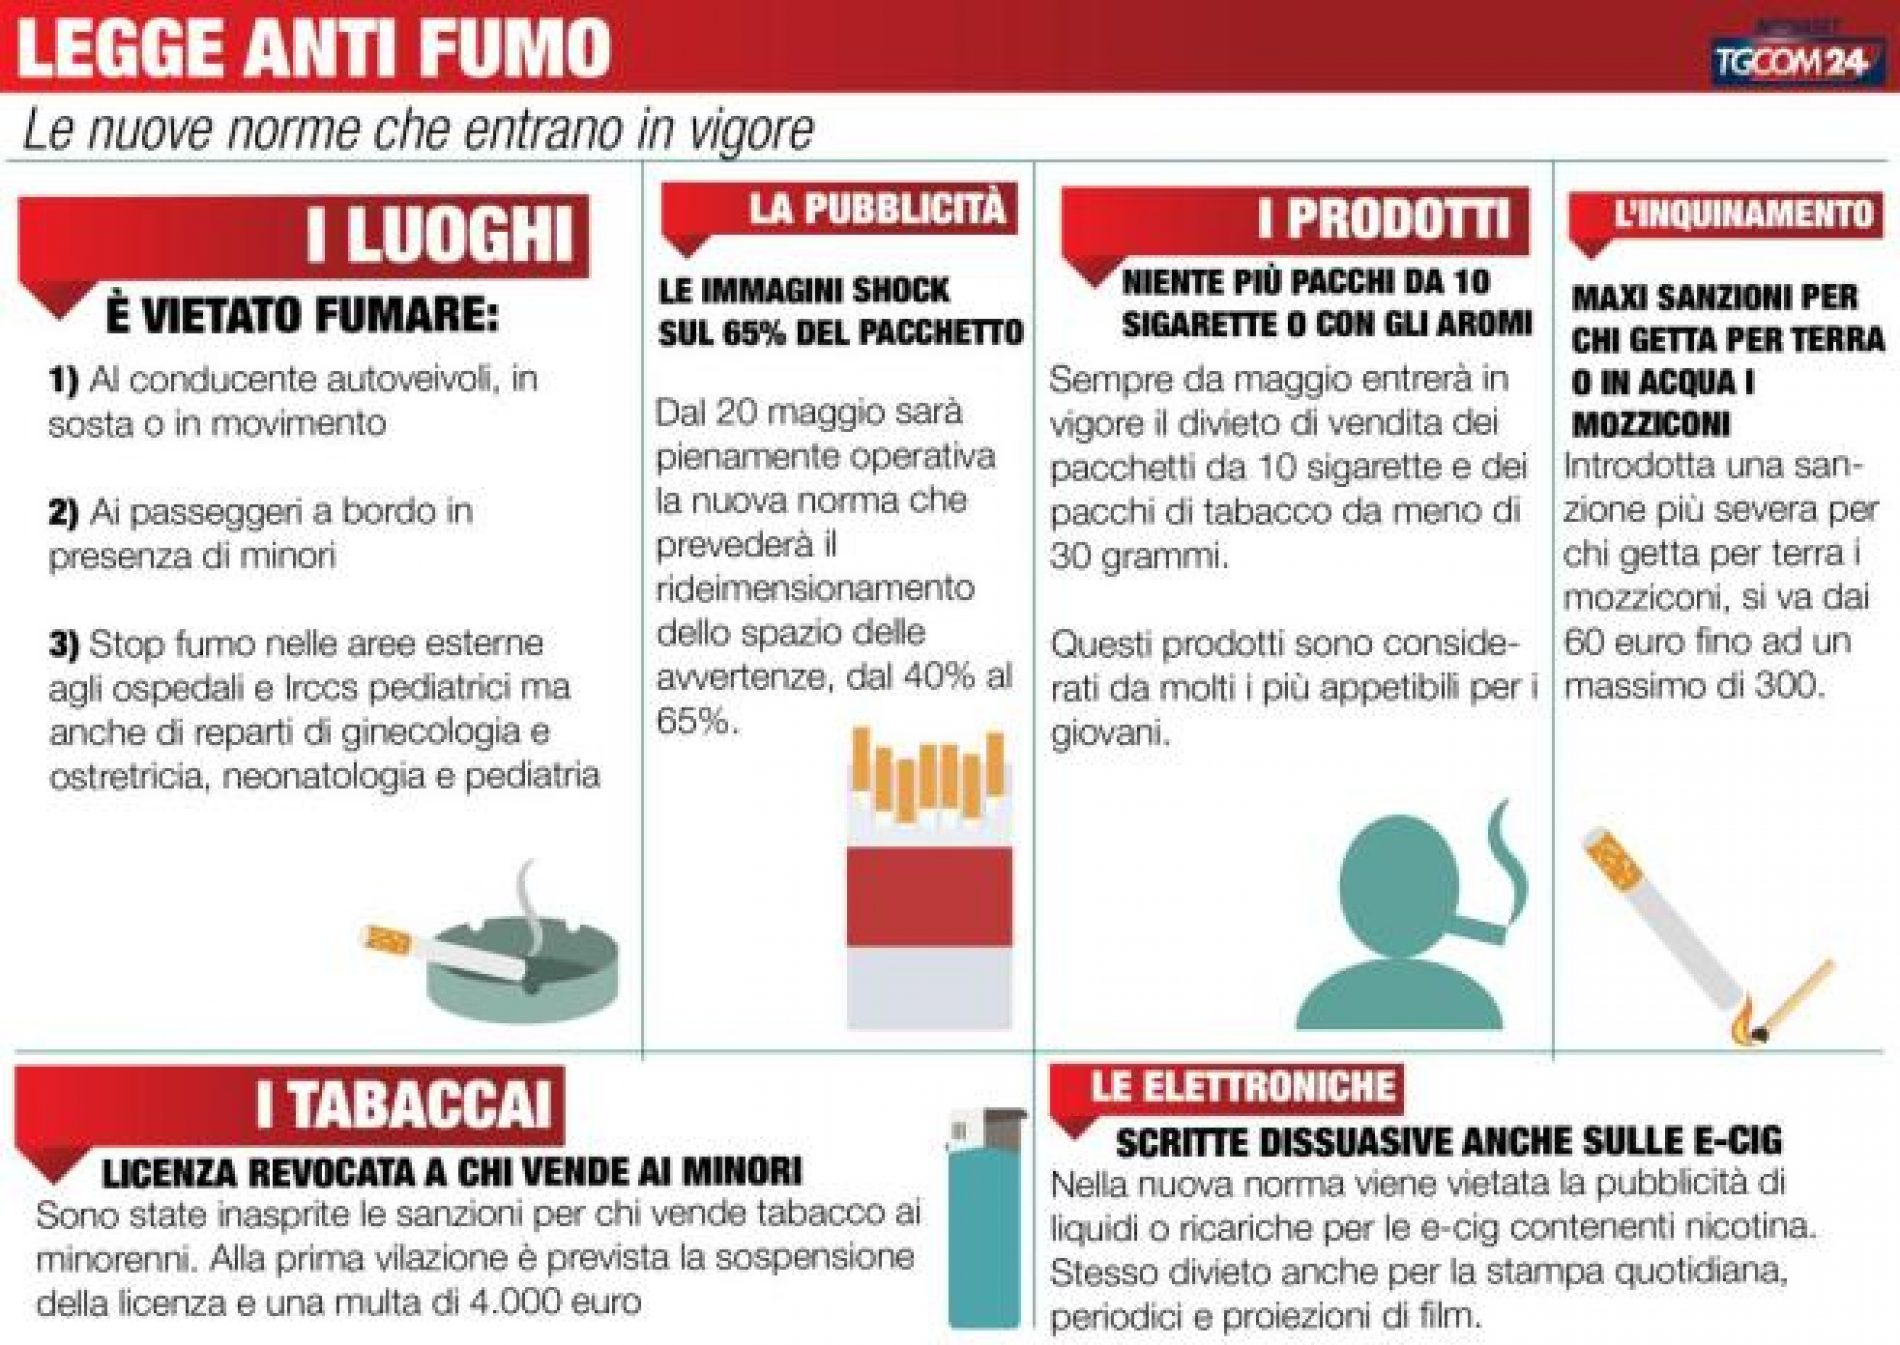 Legge antifumo in Italia, la rete non è il luogo delle risposte